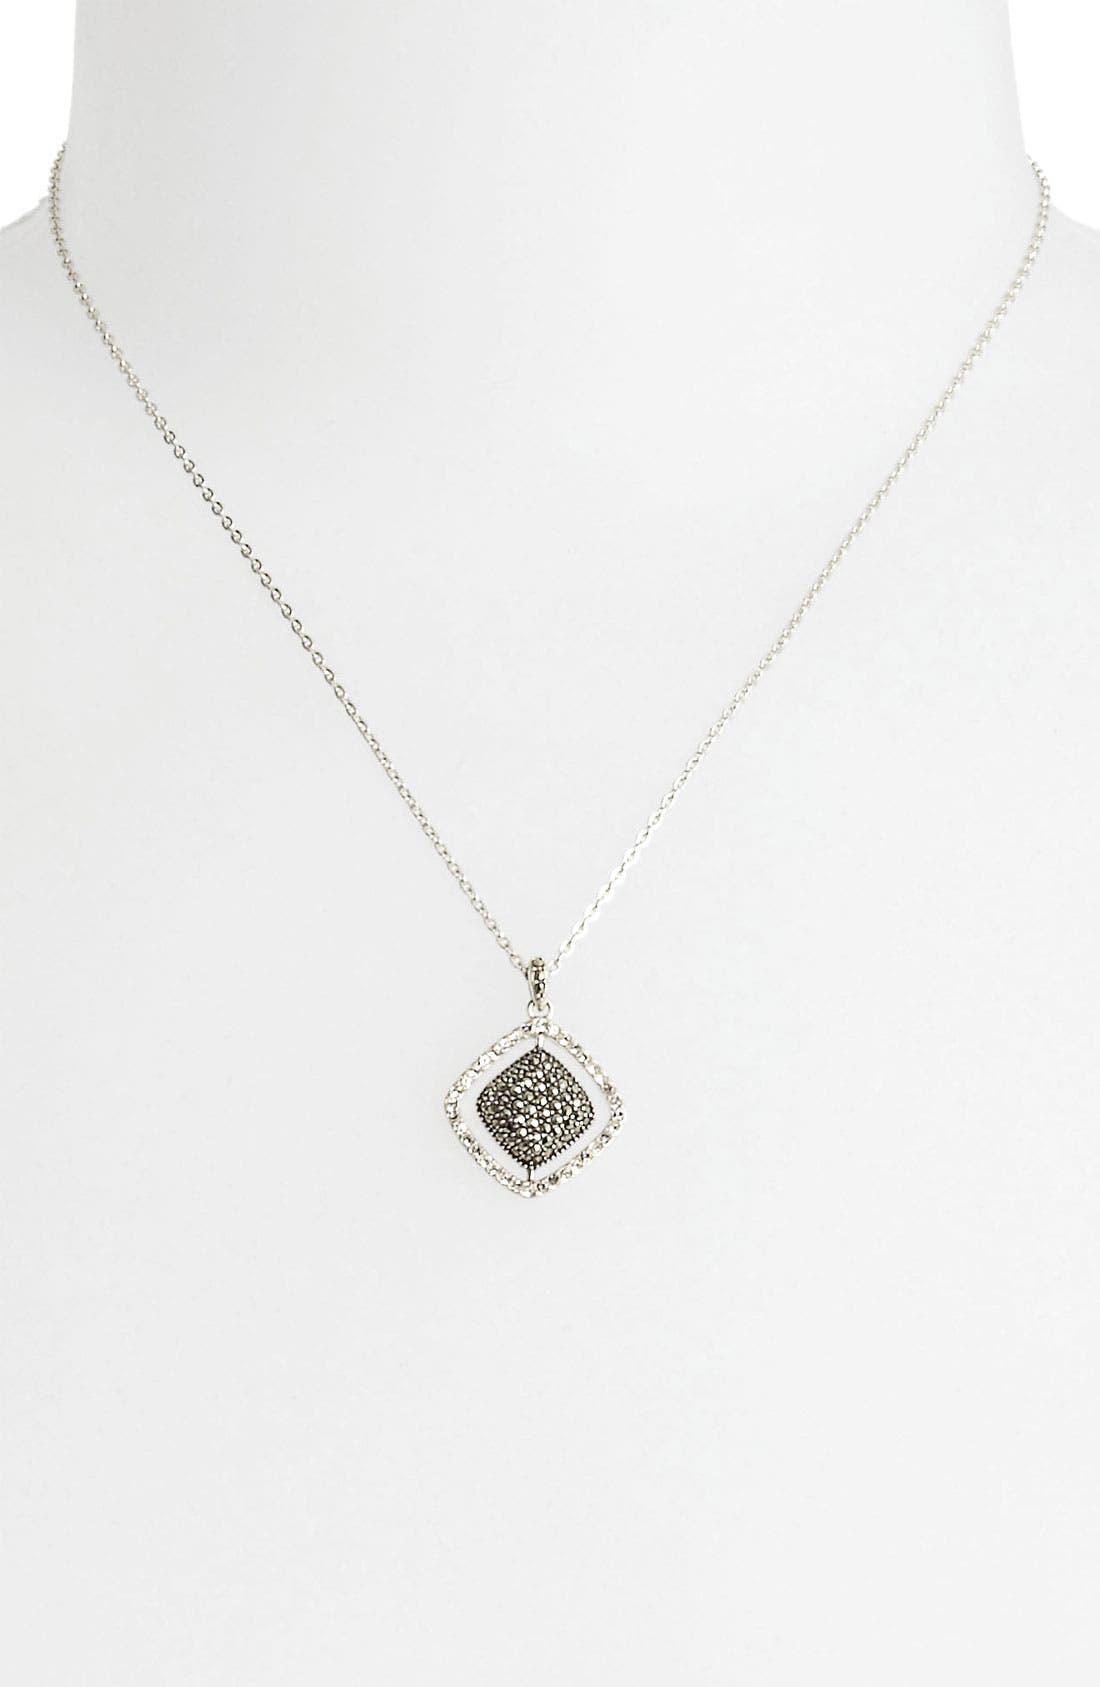 Main Image - Judith Jack Cushion Marcasite Pendant Necklace